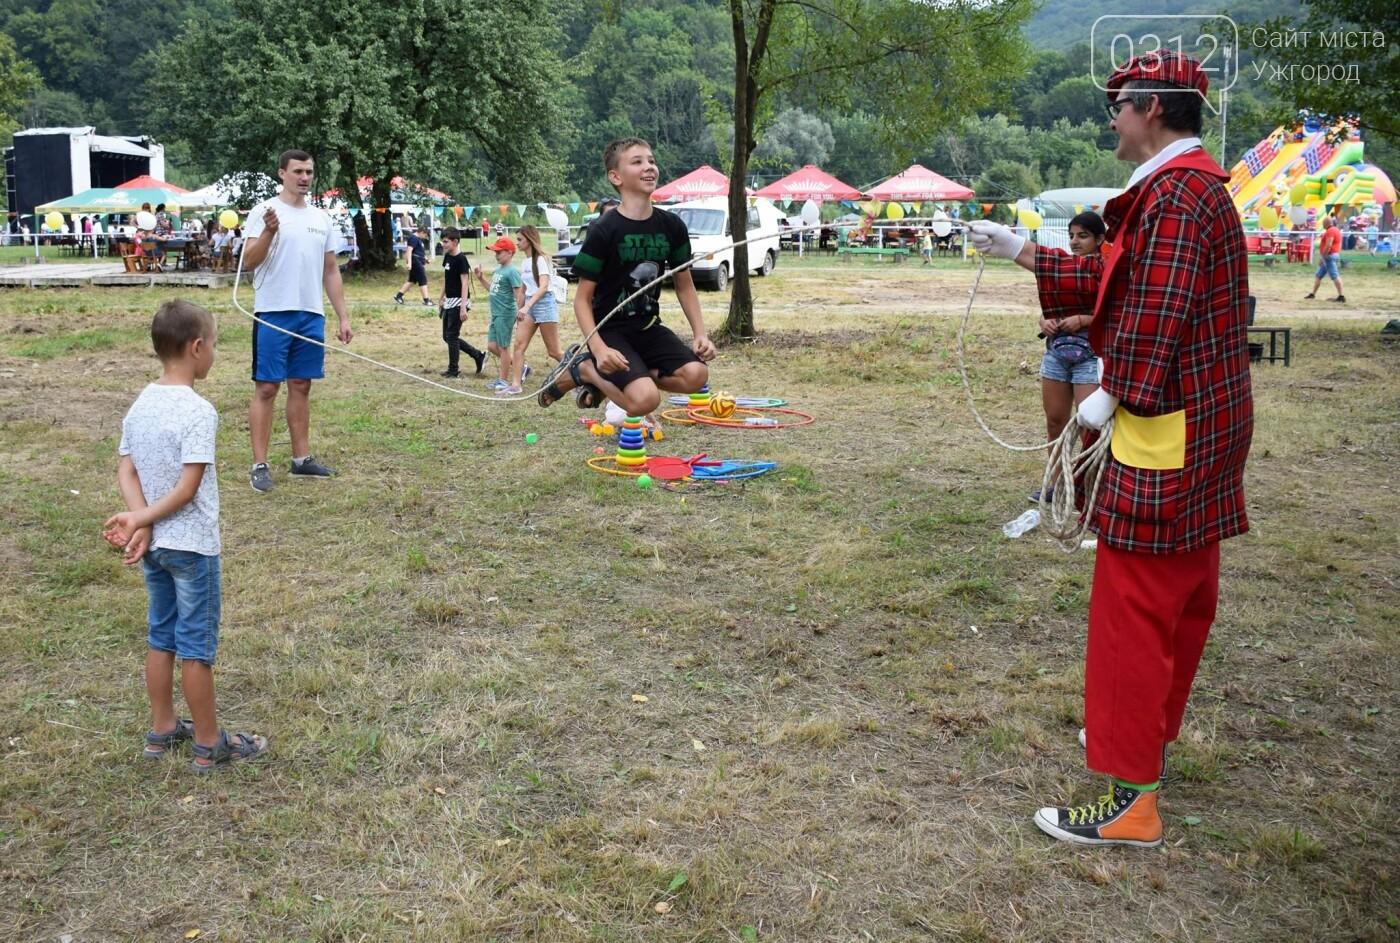 «Kam Tour» на Ужгородщині: рекорди по кількості дітей і майстер-класів на квадратний метр (ФОТОРЕПОРТАЖ), фото-6